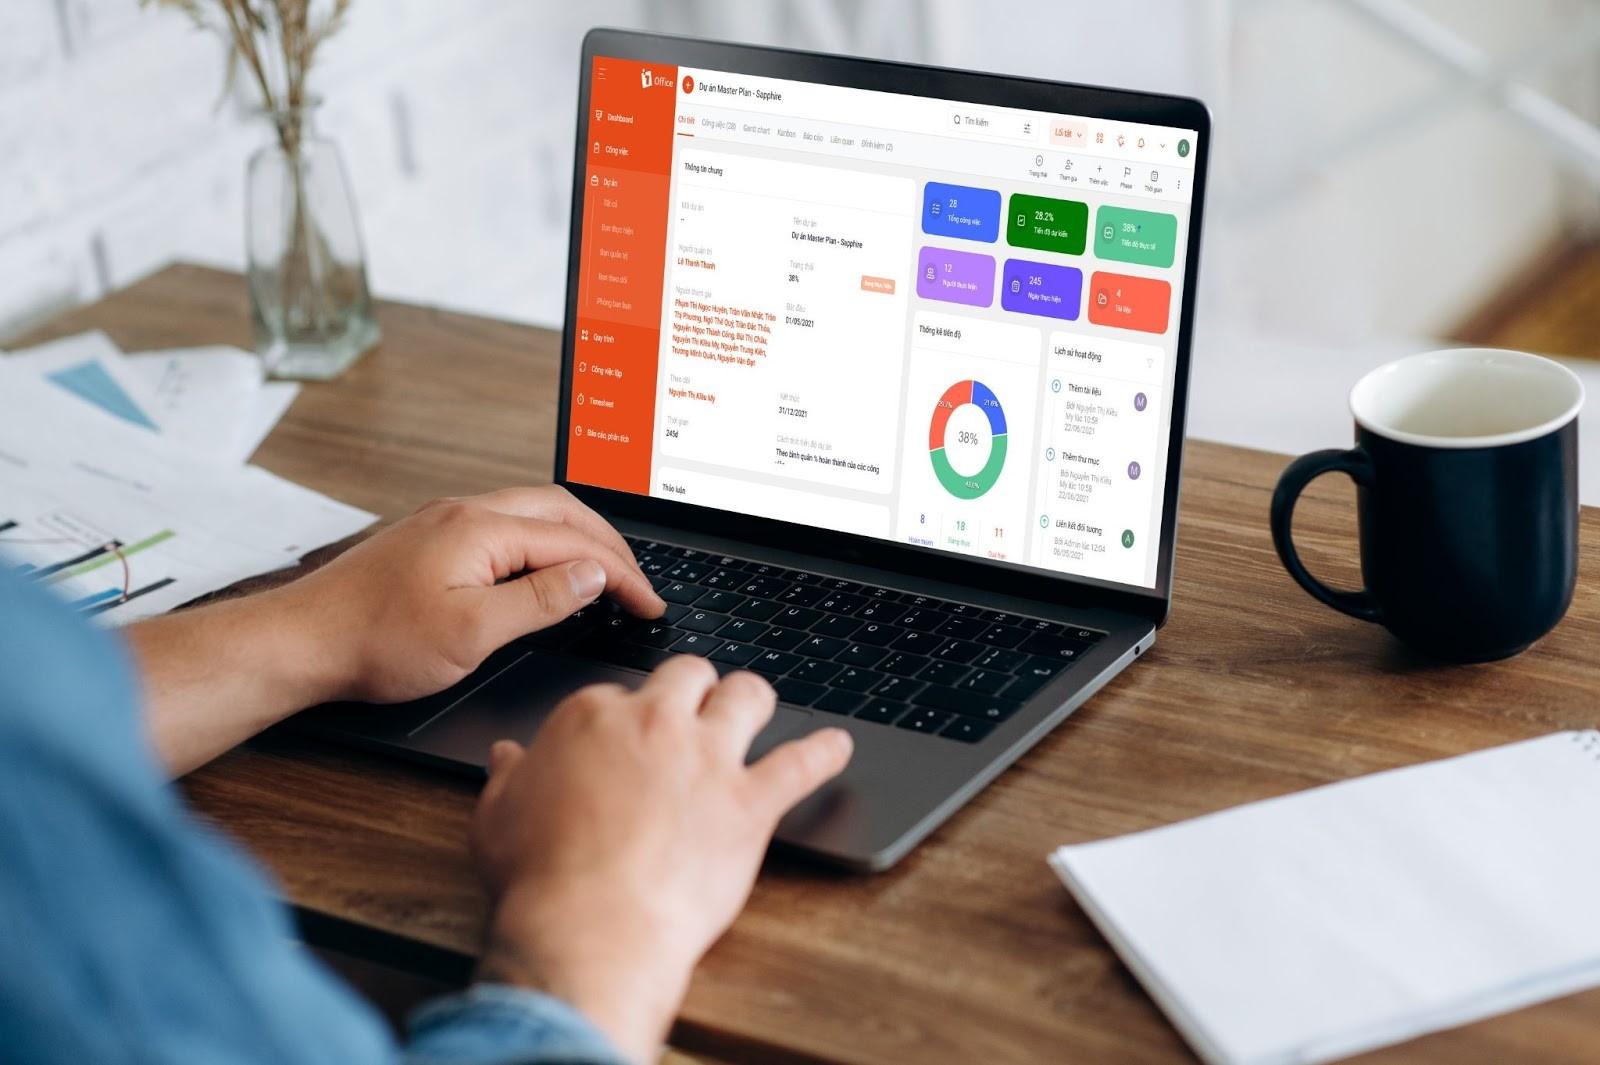 Quản trị doanh nghiệp thời dịch với phần mềm 'Make in Vietnam'